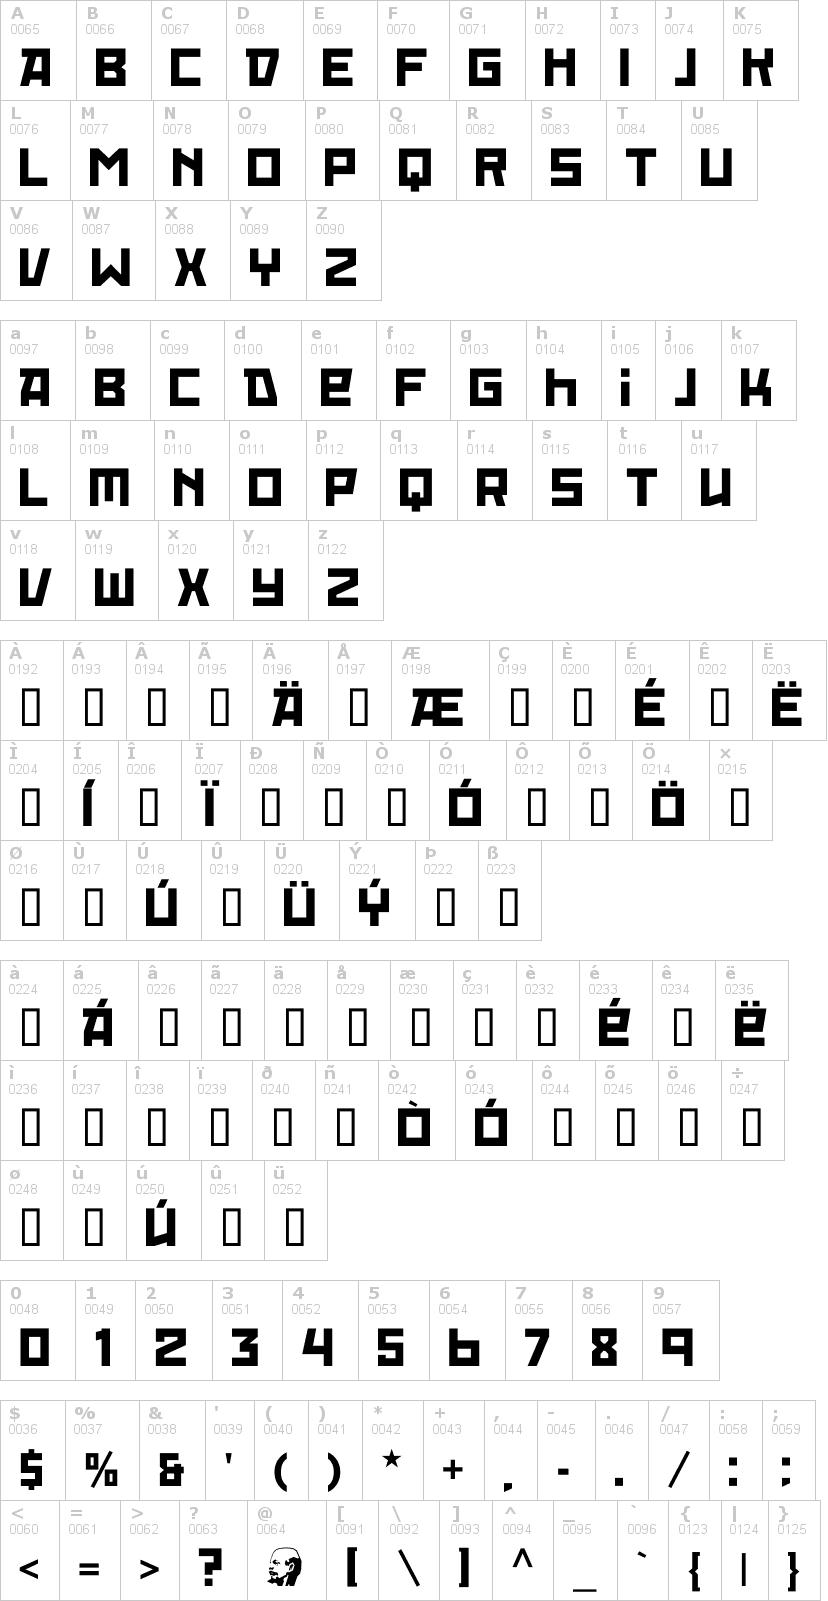 Lettere dell'alfabeto del font red-october con le quali è possibile realizzare adesivi prespaziati